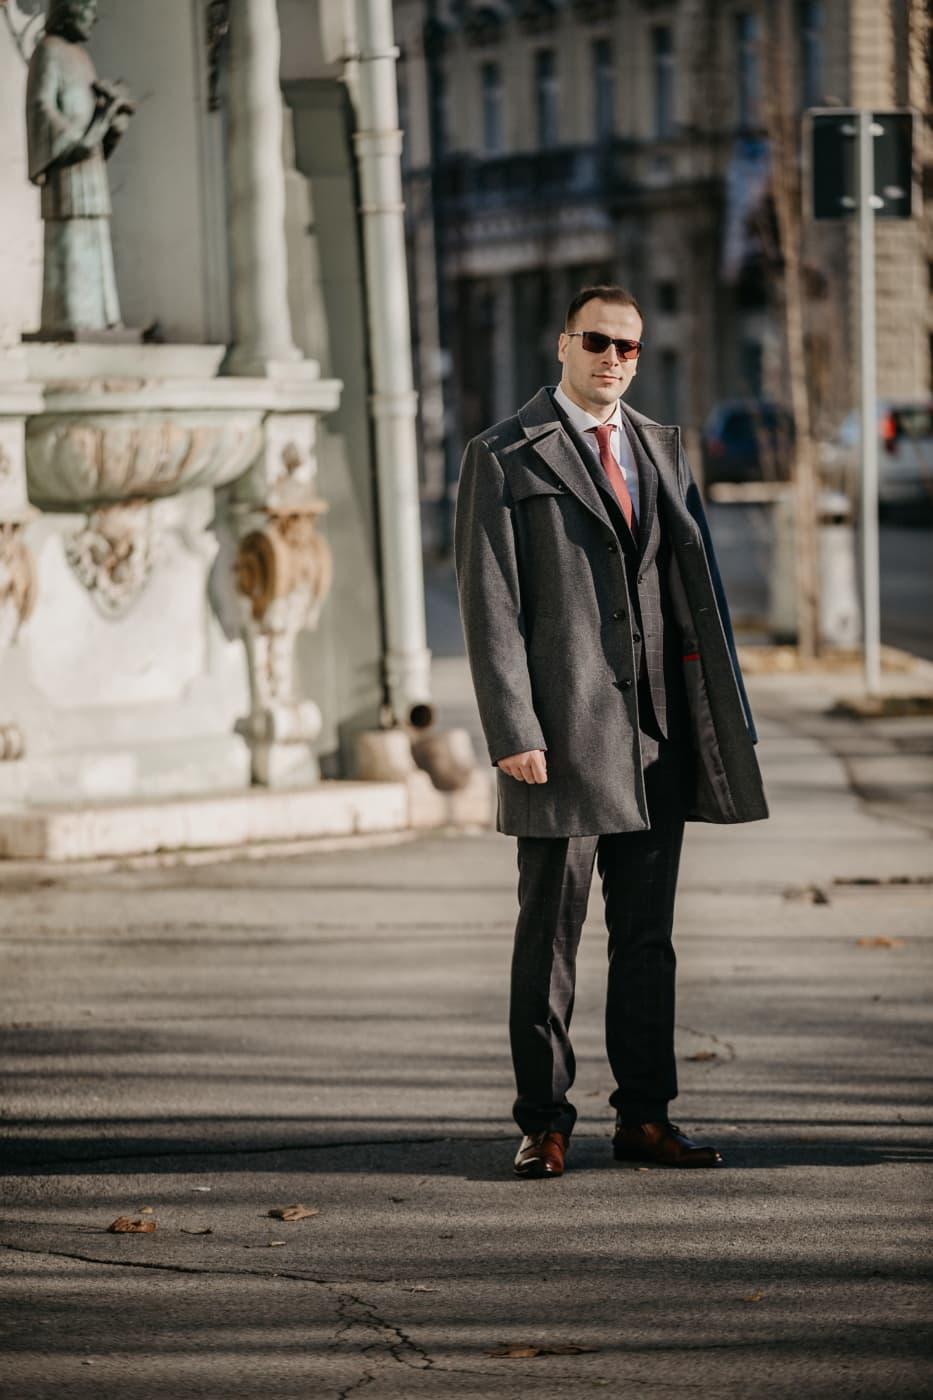 homme d'affaire, réussie, confiant, homme, Outfit, mode, rue, Portrait, Ville, urbain